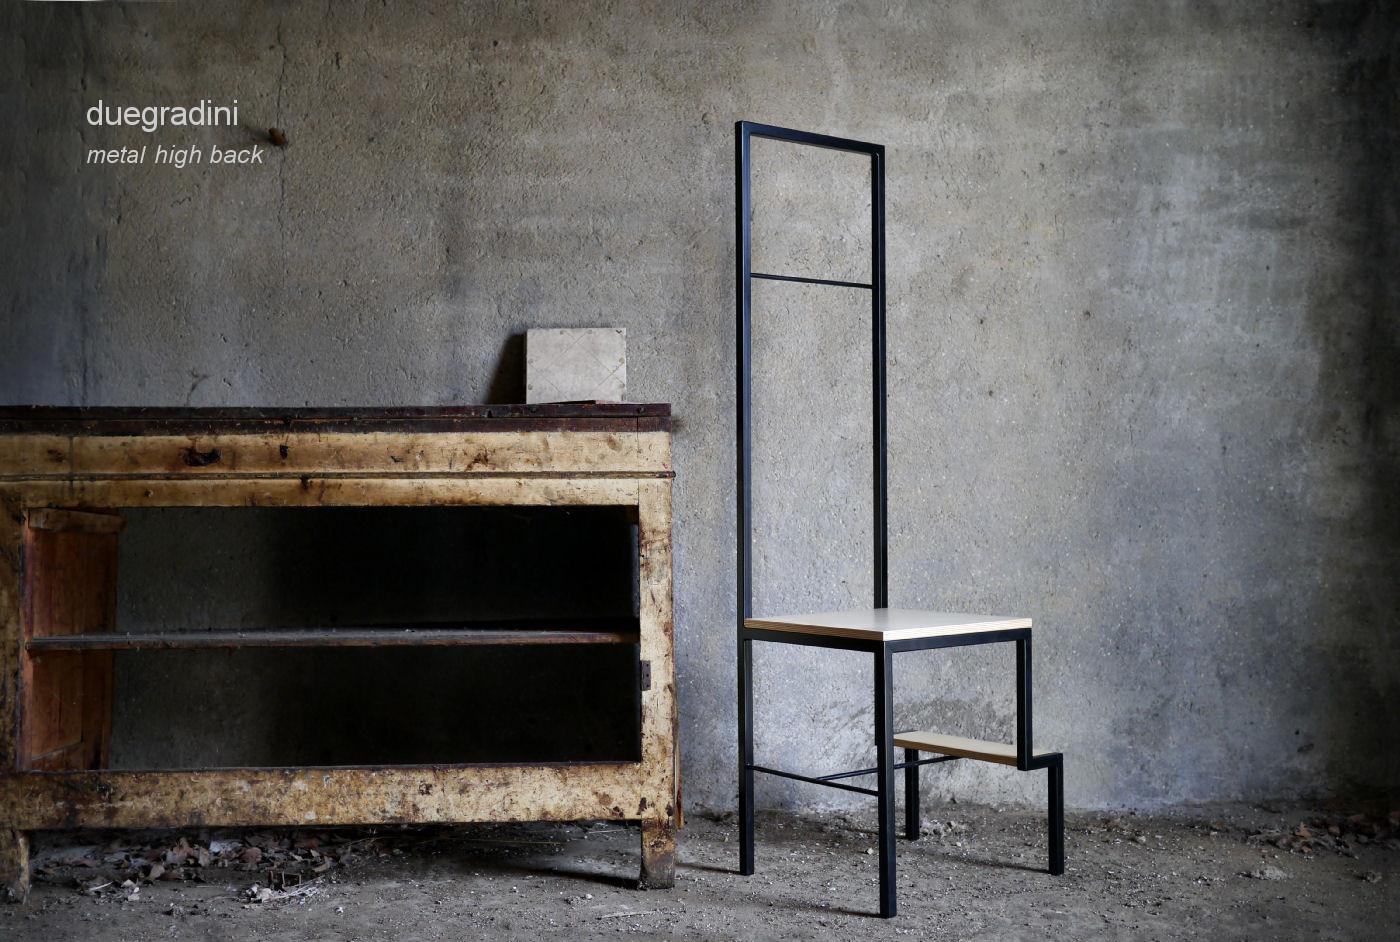 Gradini Per Scale Interne kratdesign: scale interne design,scaletta,legno,sgabelli